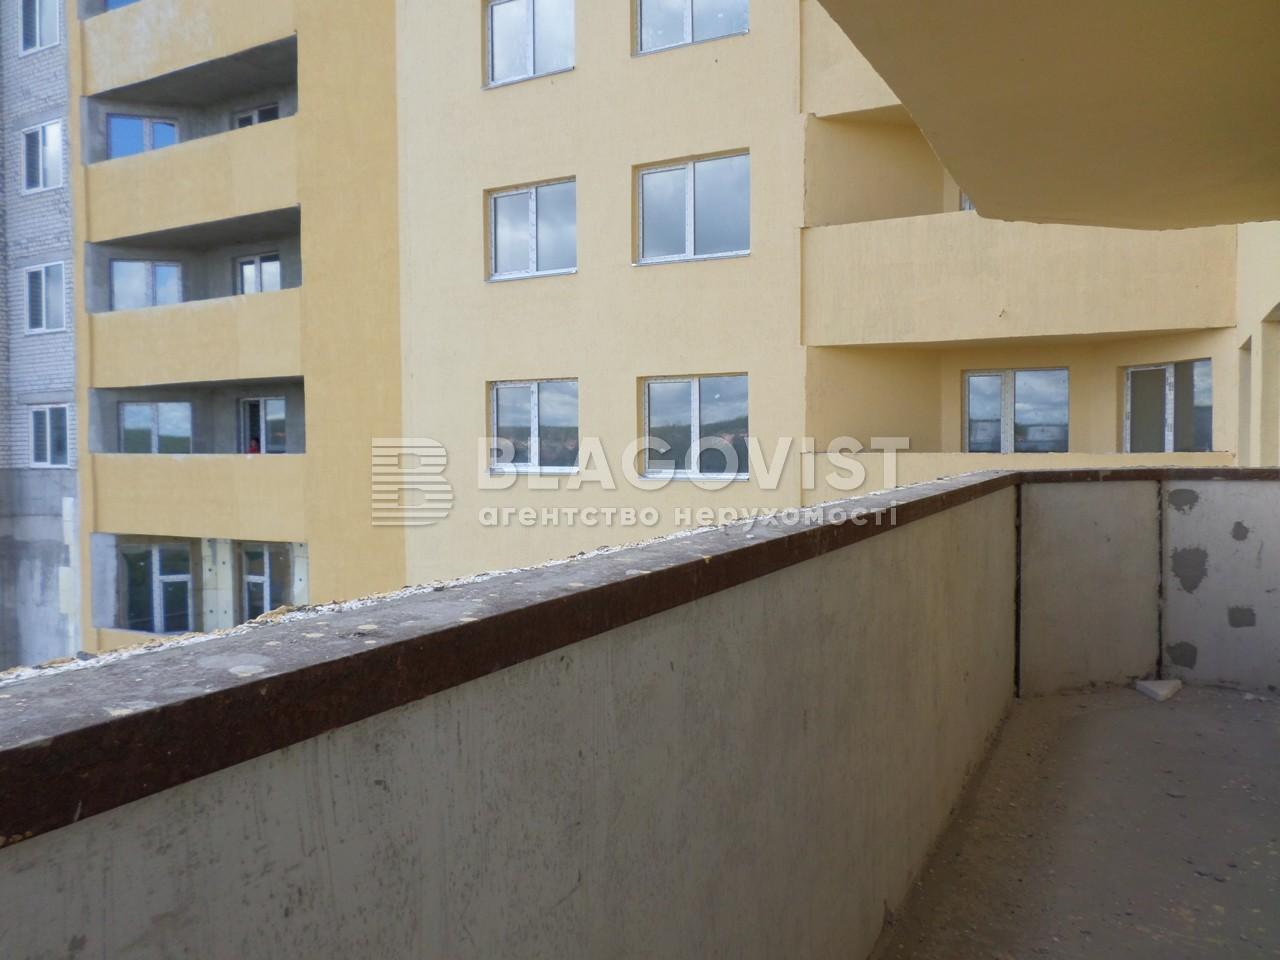 Квартира F-23904, Харченко Евгения (Ленина), 47б, Киев - Фото 9